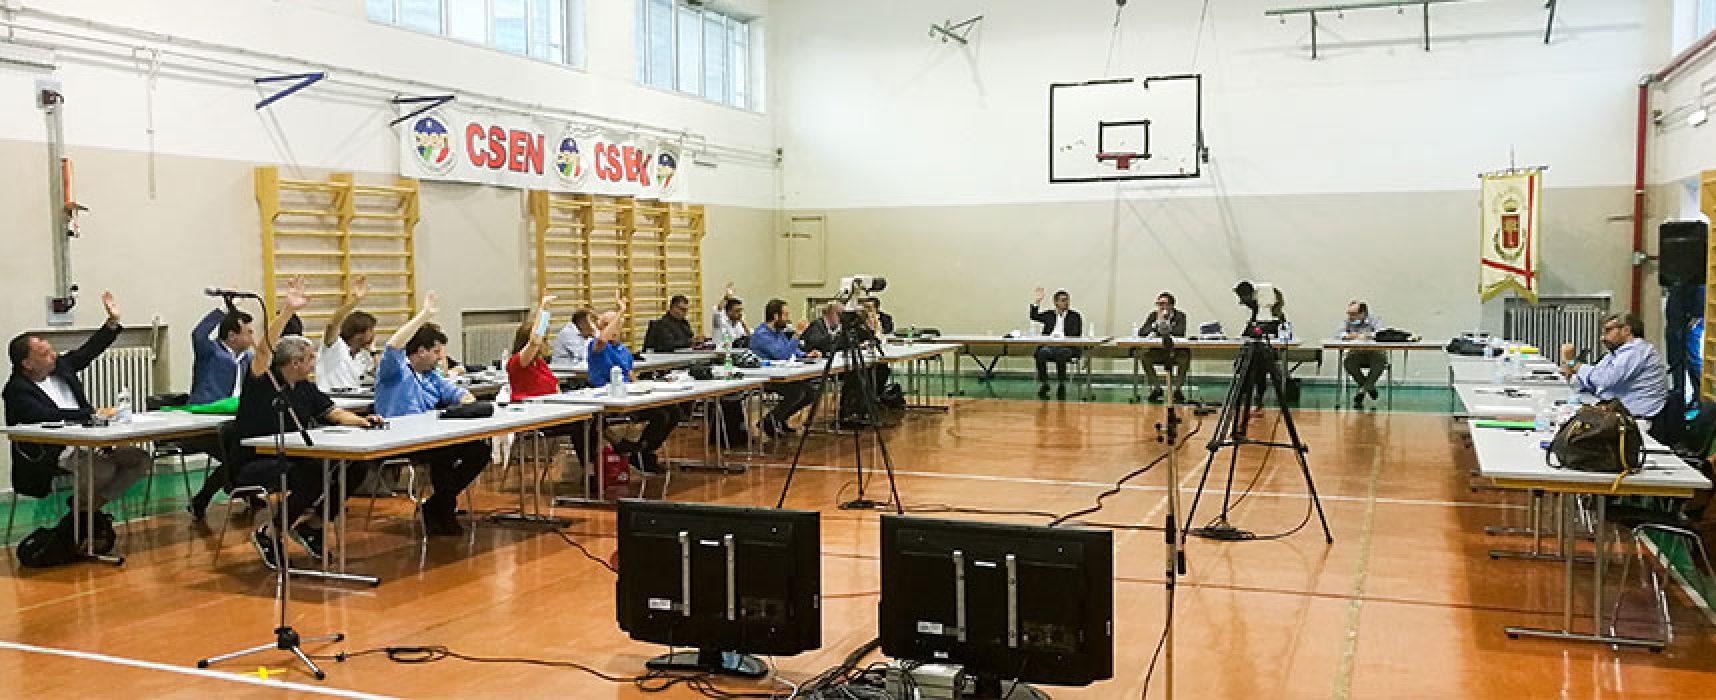 Consiglio comunale: in discussione riqualificazione santa Caterina-Porto e Pirp